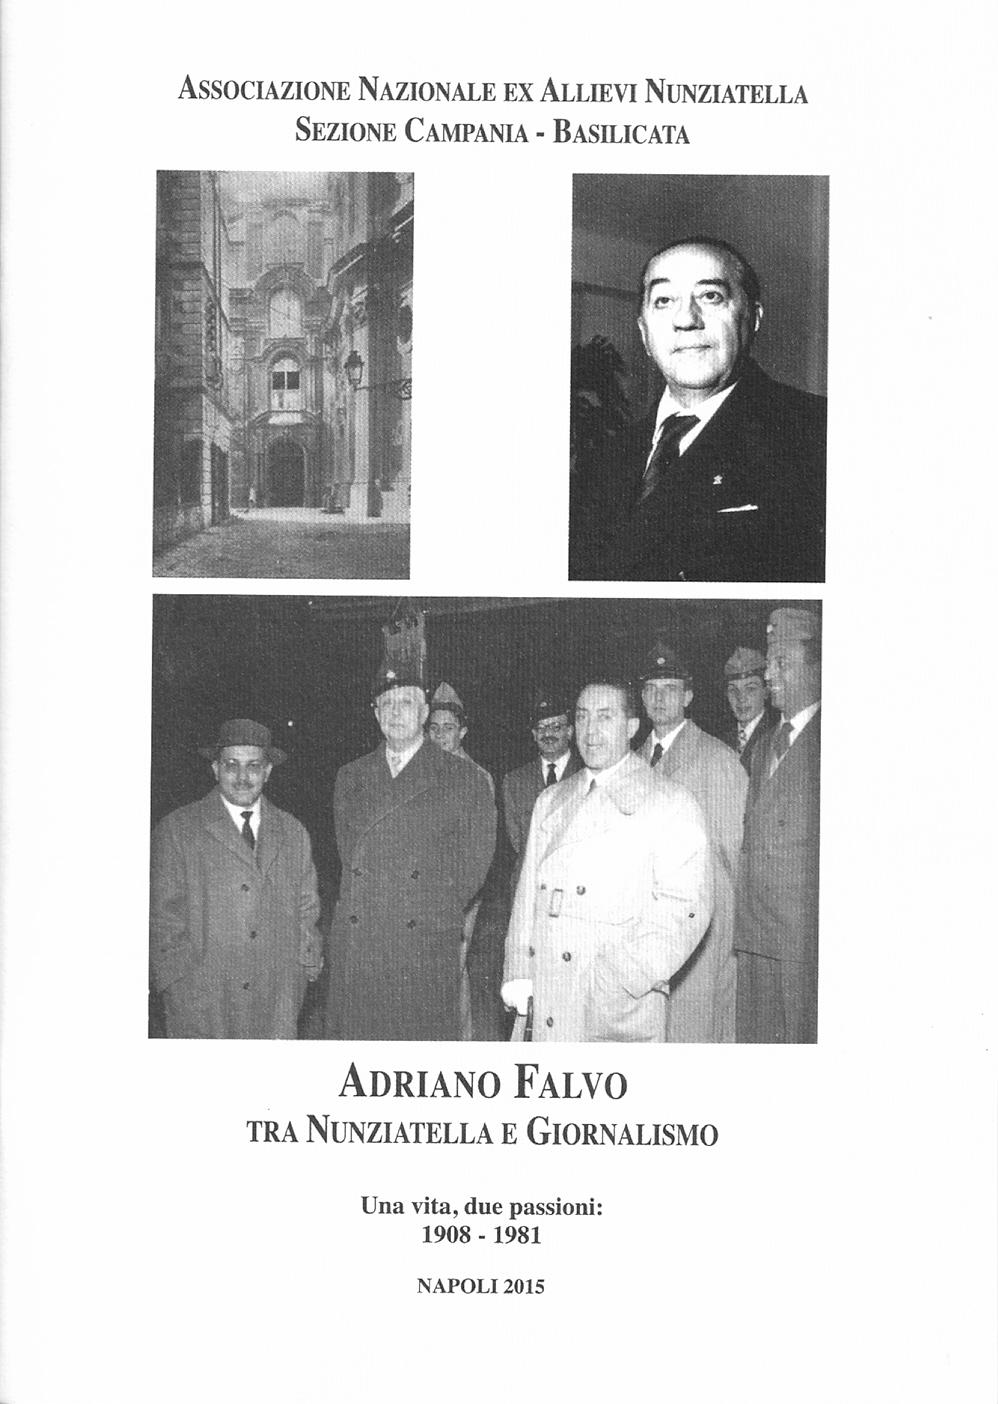 Adriano Falvo tra Nunziatella e giornalismo